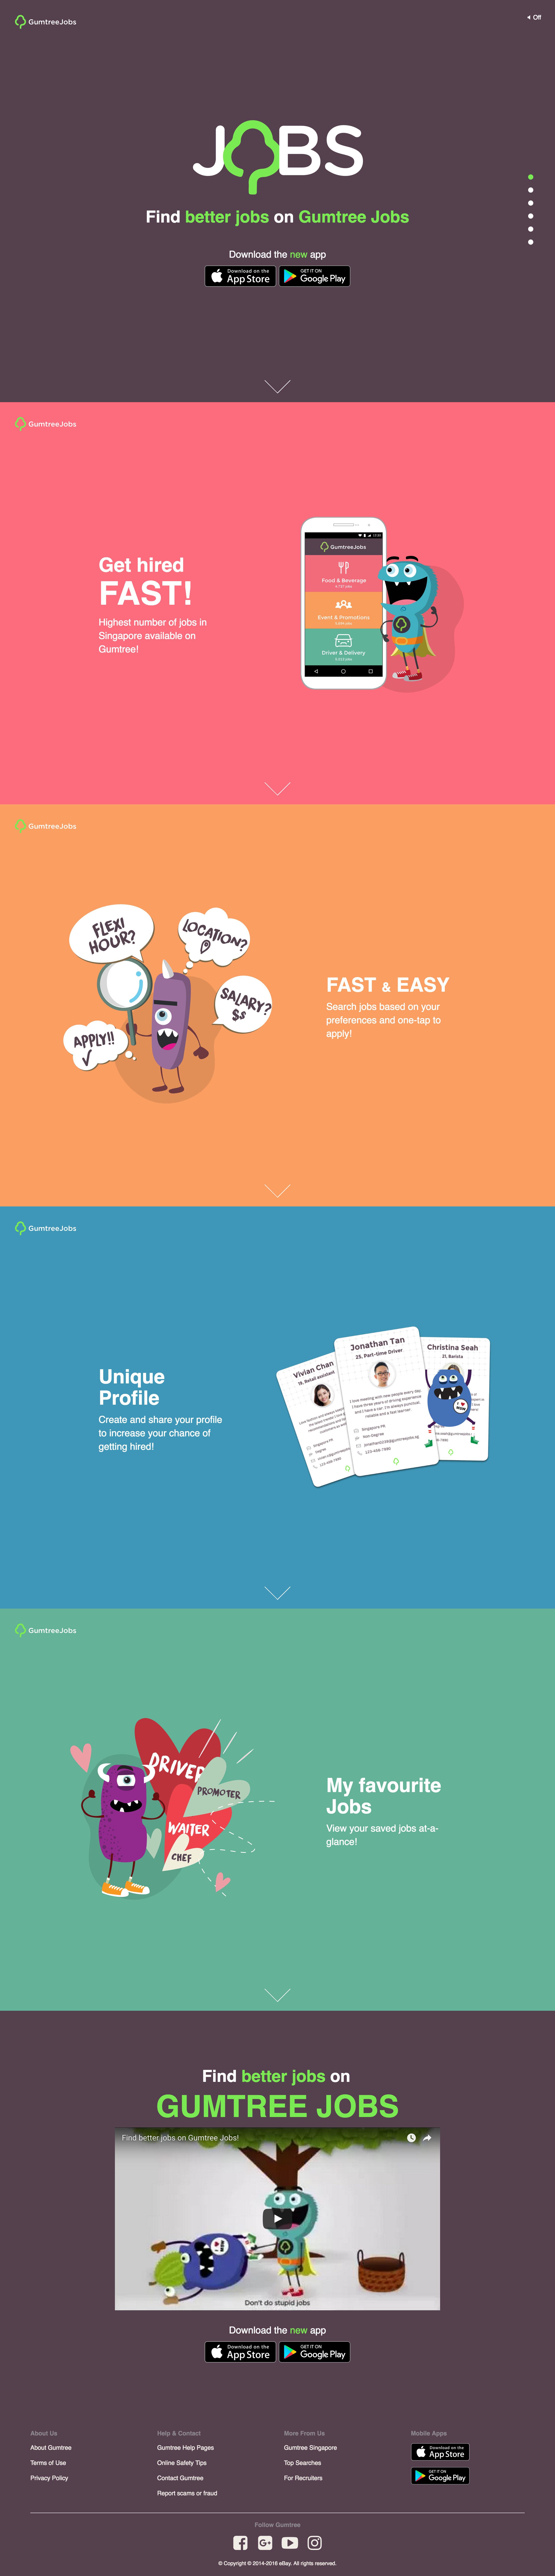 Gumtree Jobs Website Screenshot